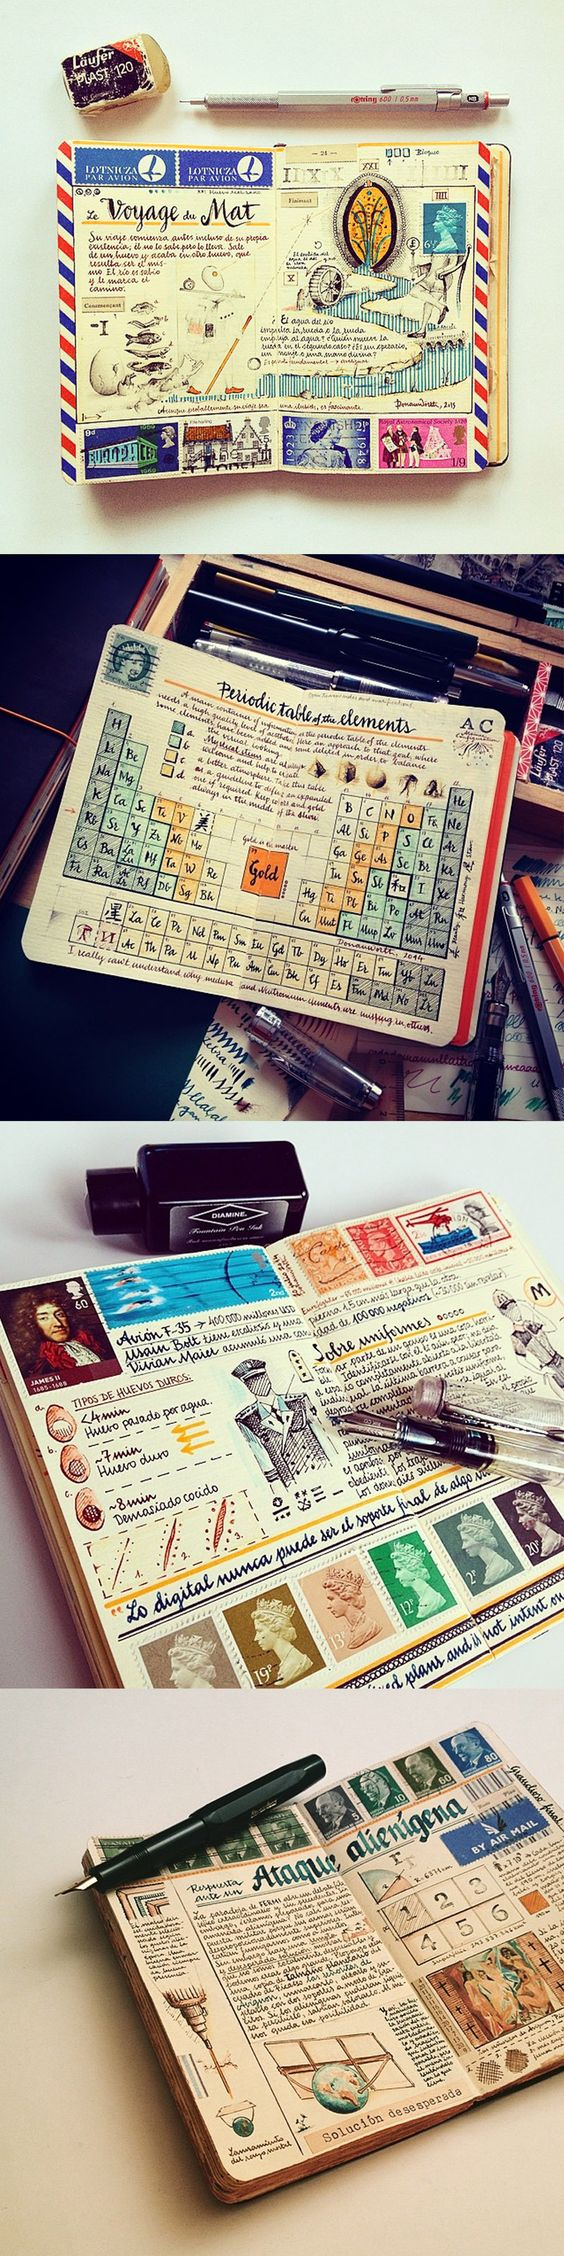 carnet de voyages inspiration